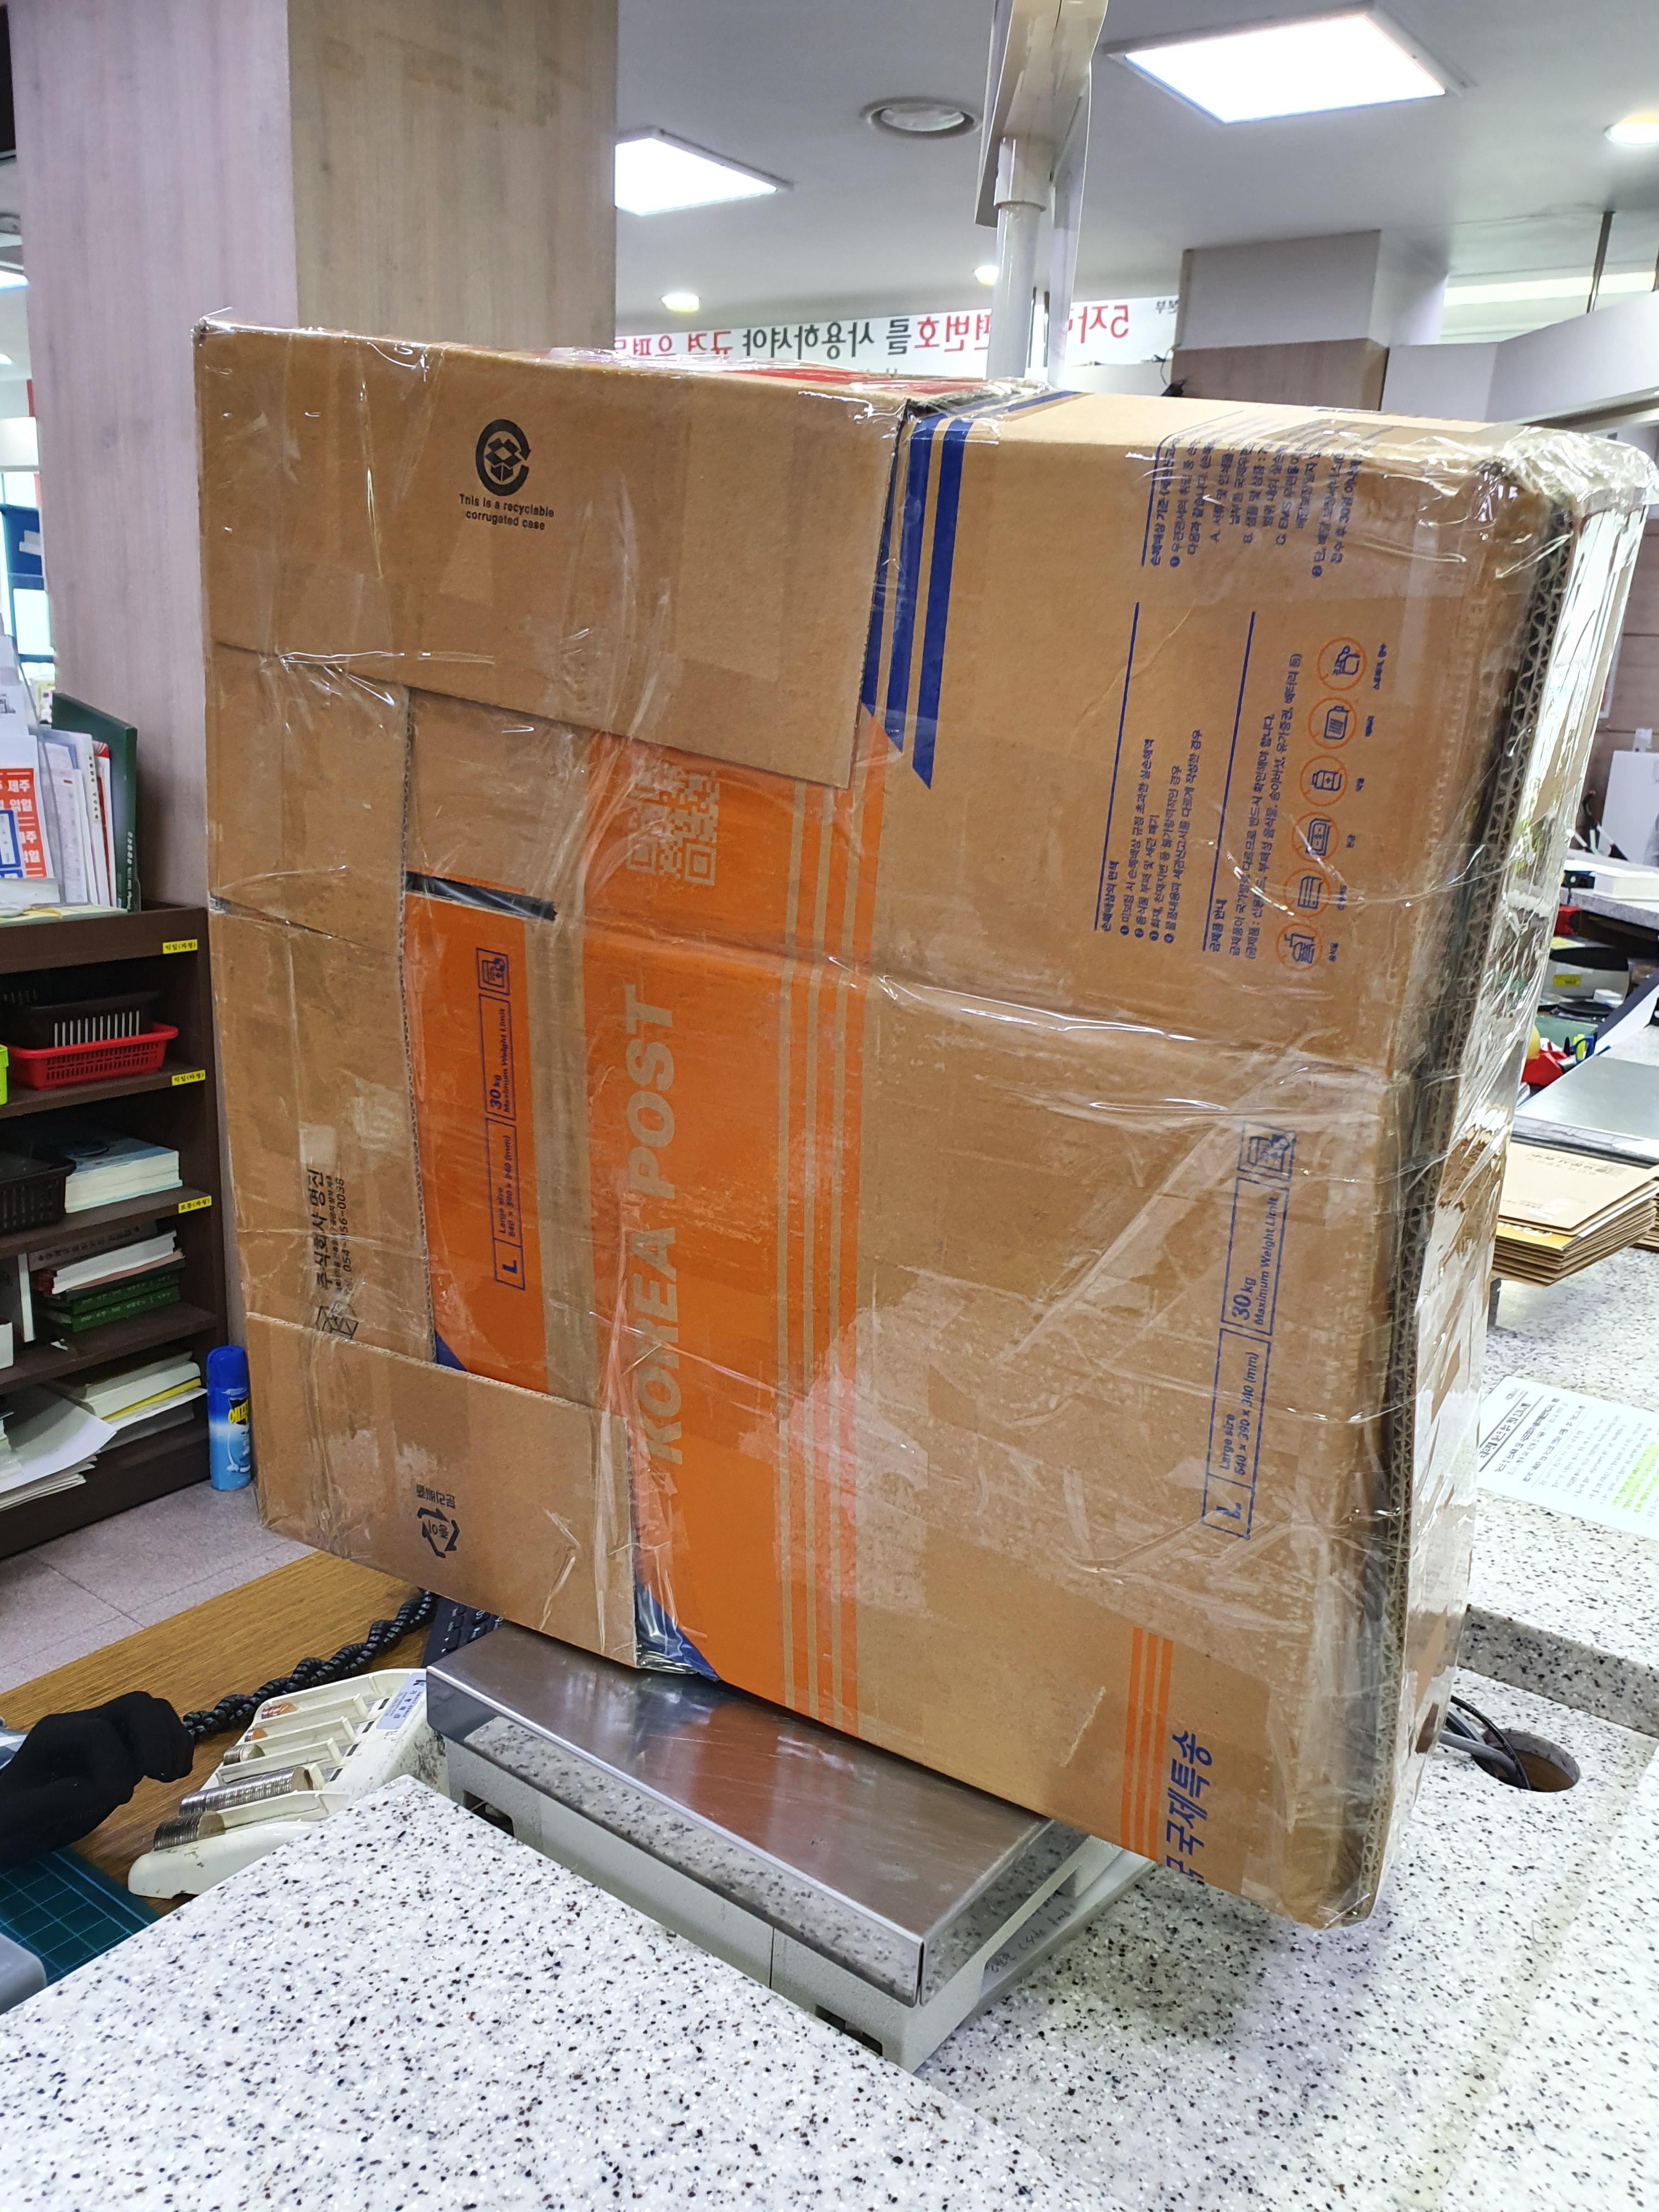 우체국에서 박스 이어붙이기를 했다